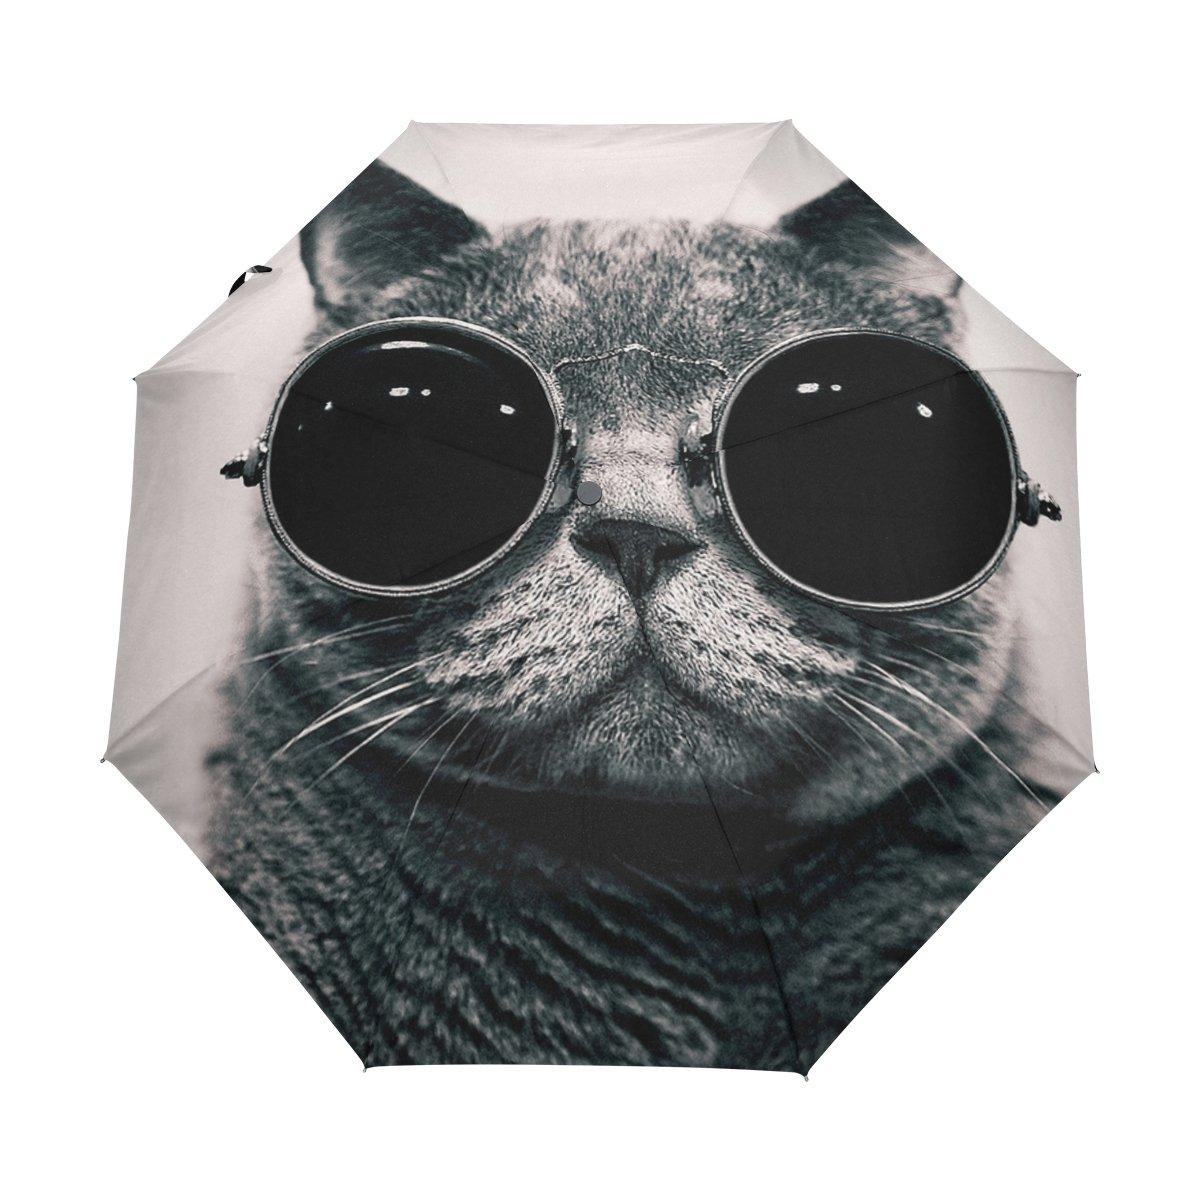 太陽と雨コンパクトトラベル傘防風UV保護軽量ポータブルアウトドア折りたたみゴルフ傘Auto Open Close Folding Umbrellas外部Cool Cat   B07BK1CXT8